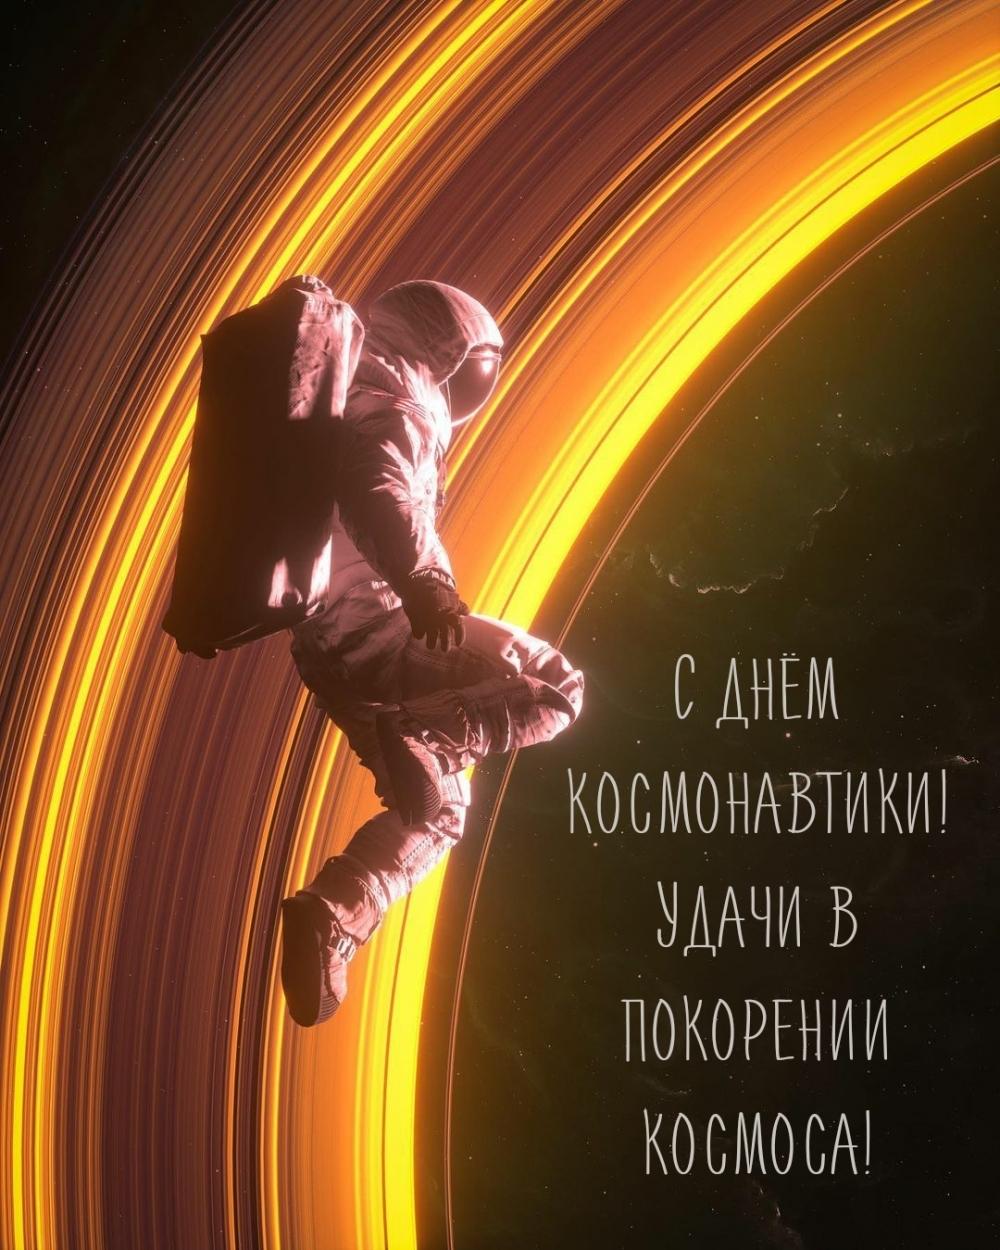 С днём космонавтики! Удачи в покорении космоса!